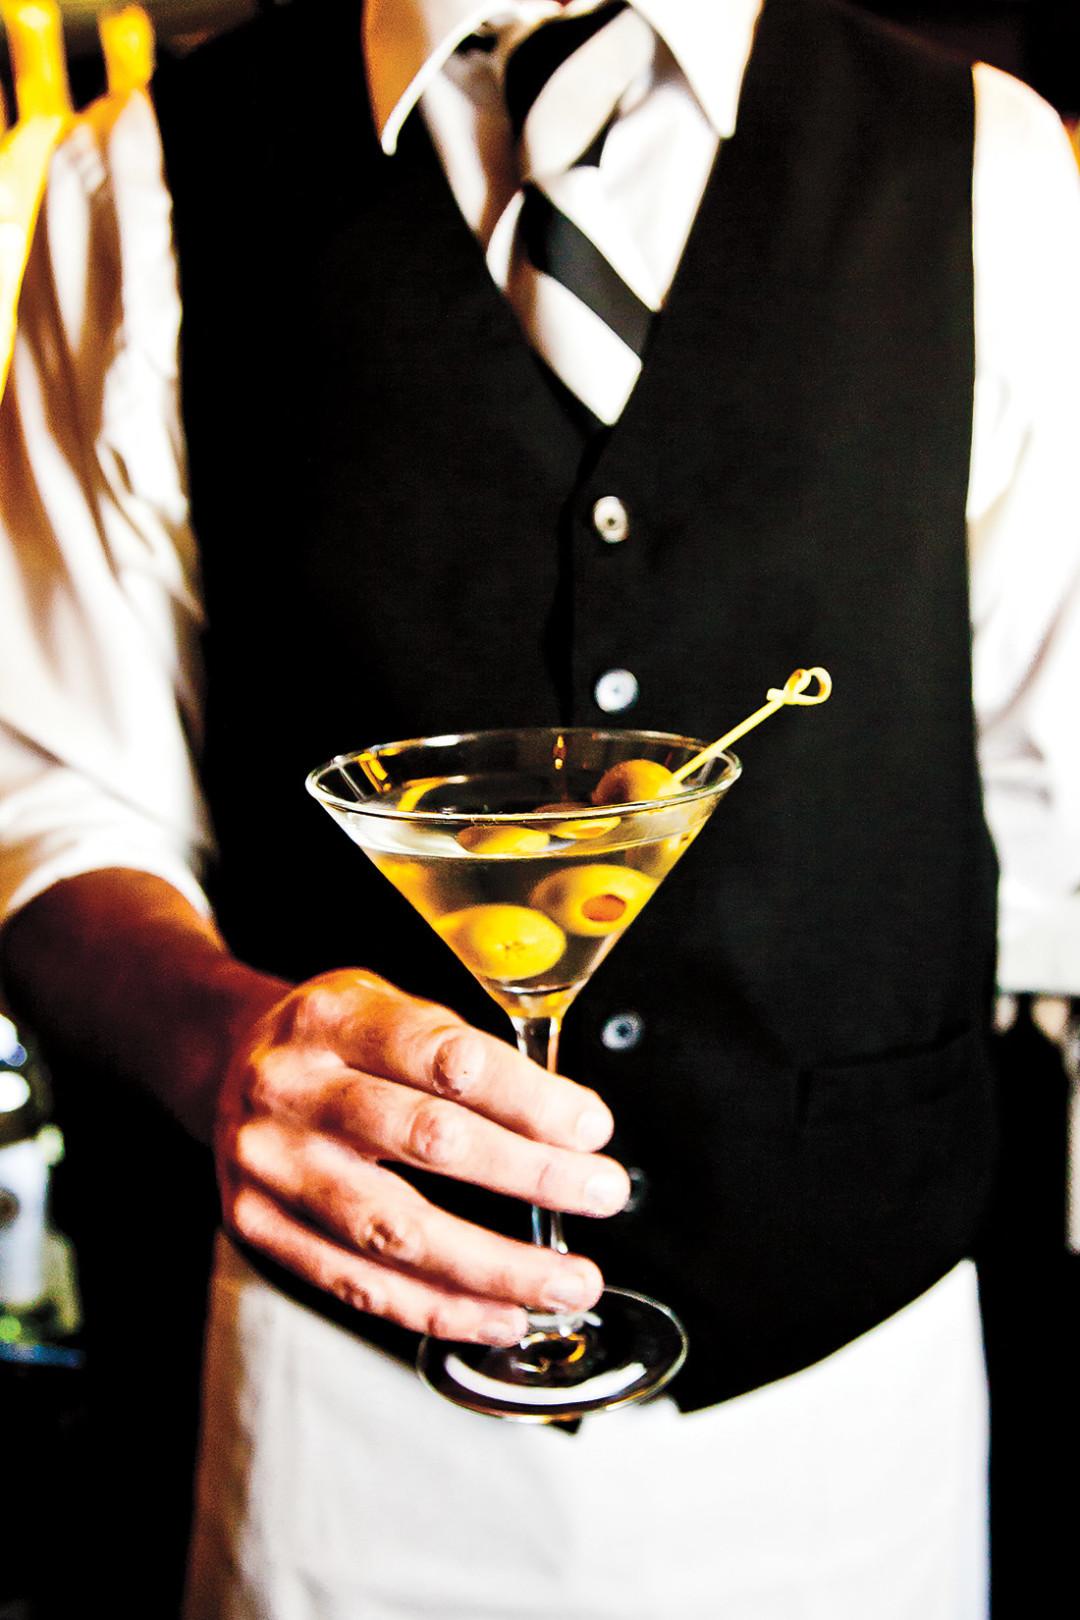 0715 raising bartender martini ck1fzl